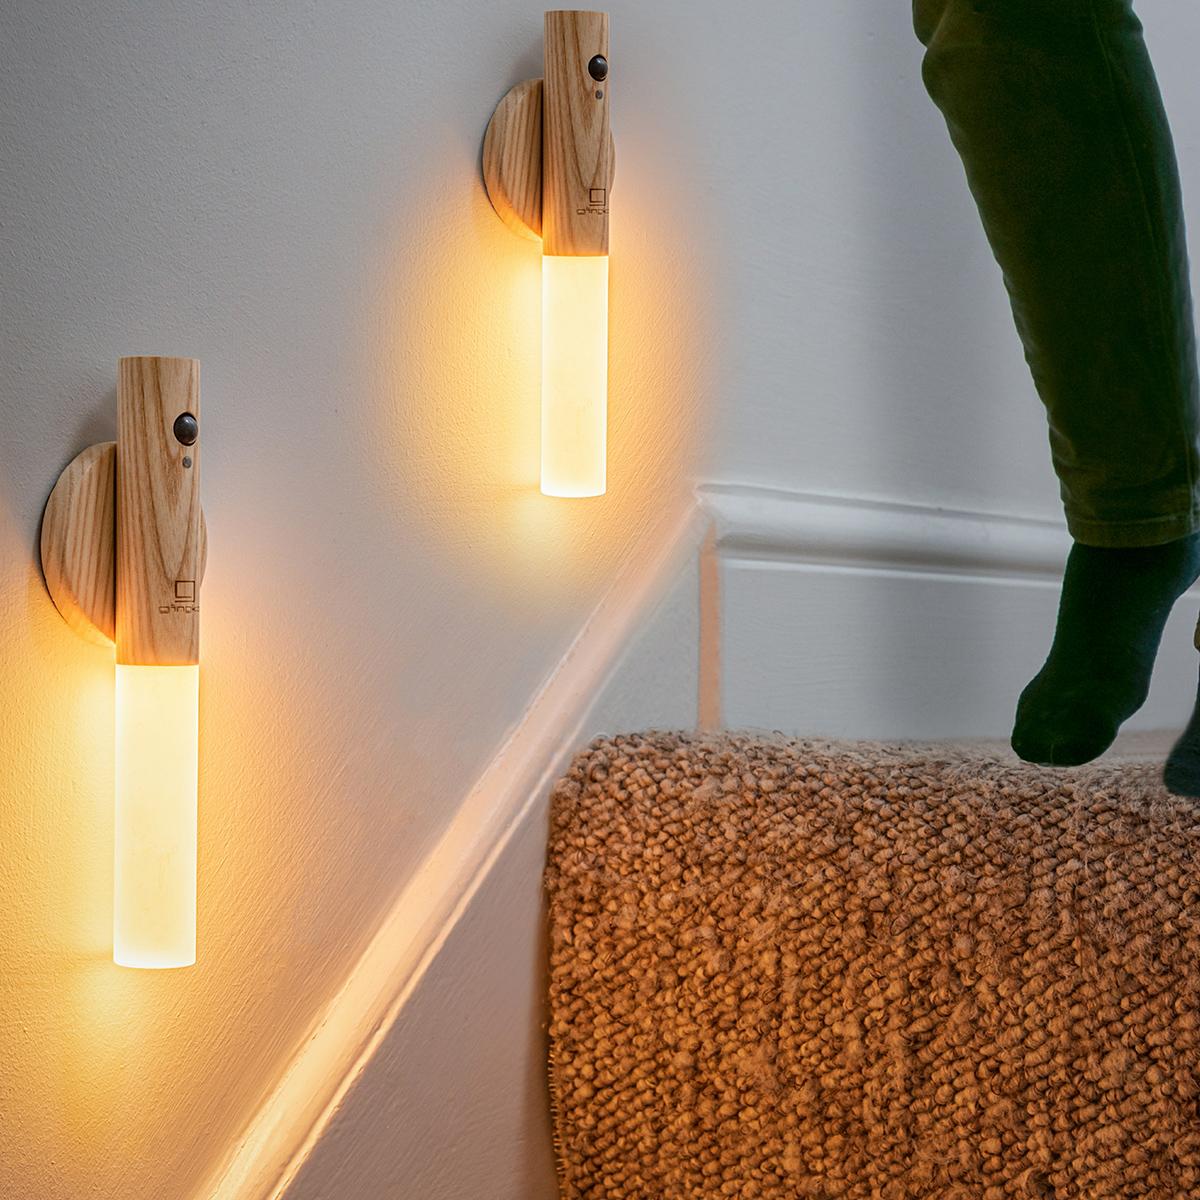 Lampe-bâtonnet intelligente